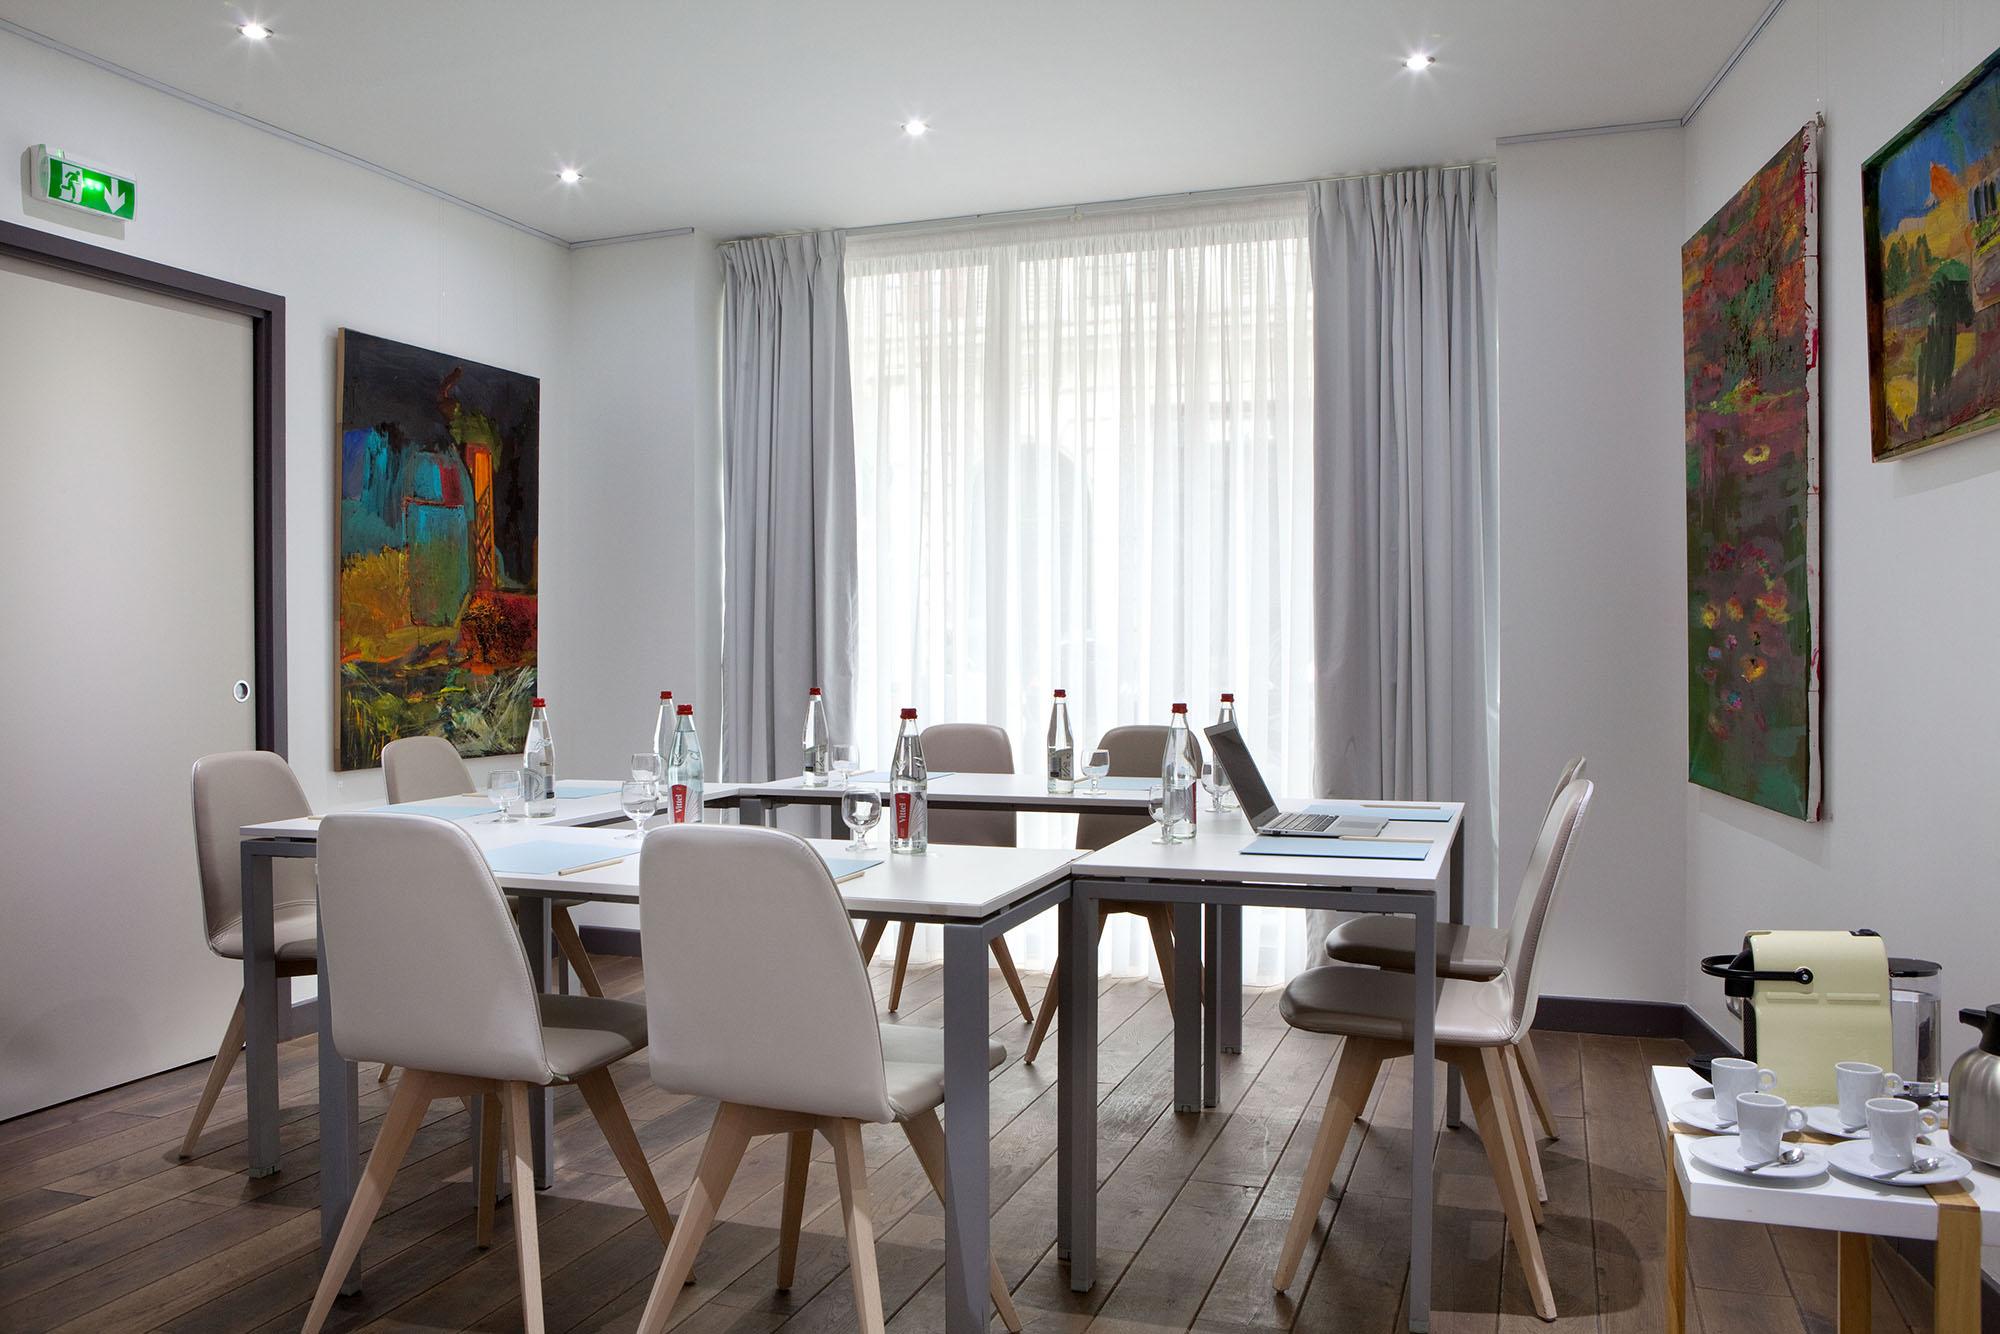 salle de r union design avec acc s jardin int rieur. Black Bedroom Furniture Sets. Home Design Ideas